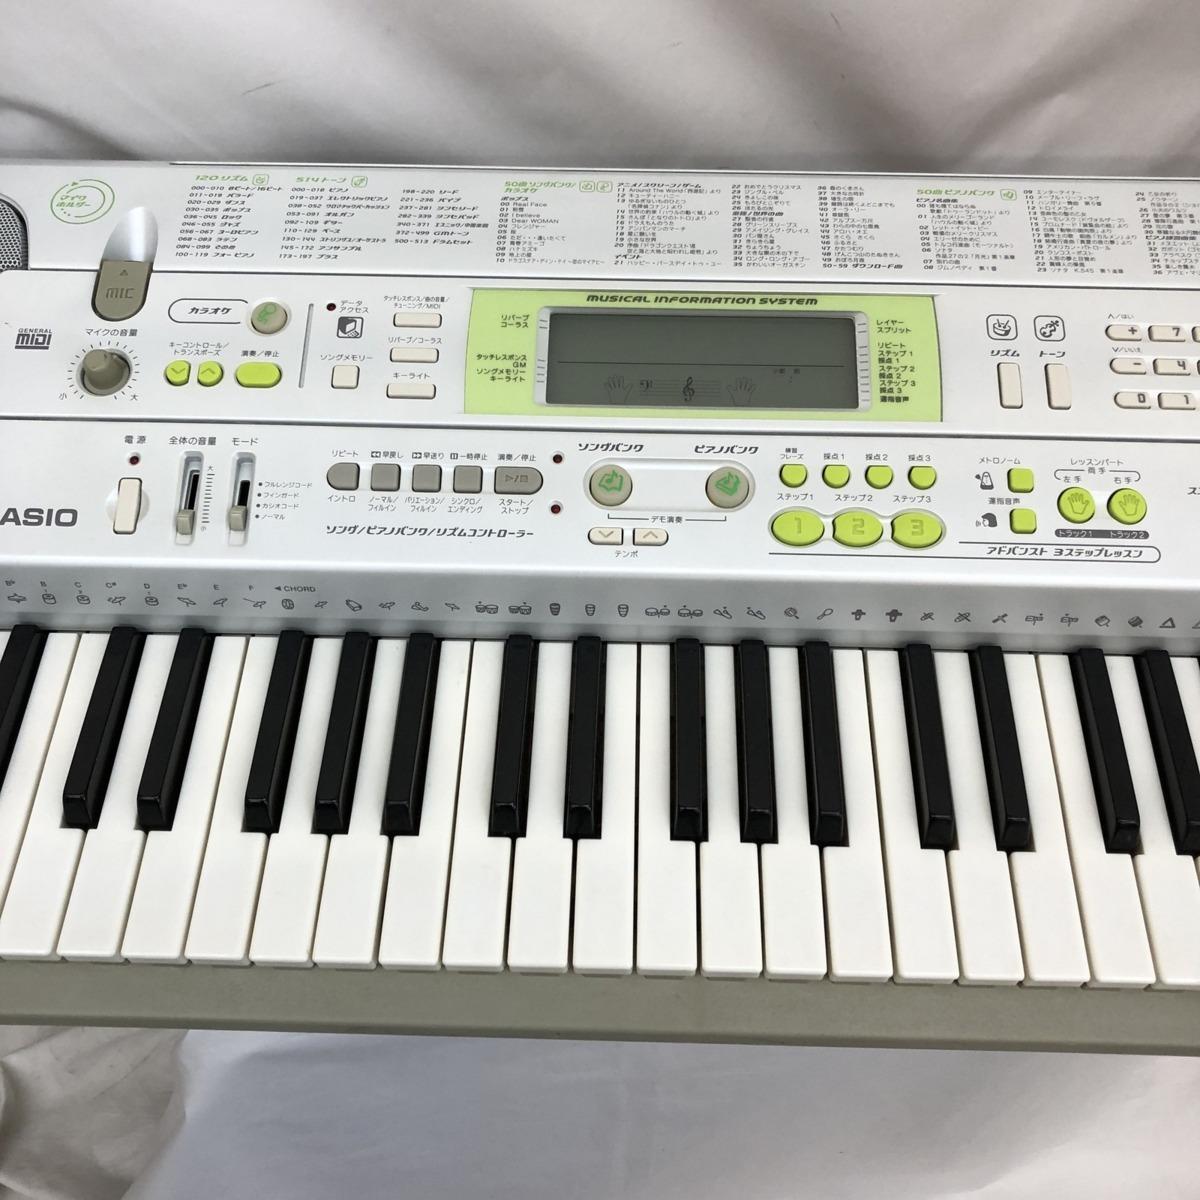 中古 CASIO カシオ 電子キーボード 光ナビゲーション LK-202TV 61鍵盤 シルバー グリーン 電子ピアノ 鍵盤楽器 アダプター 難あり H15233_画像5